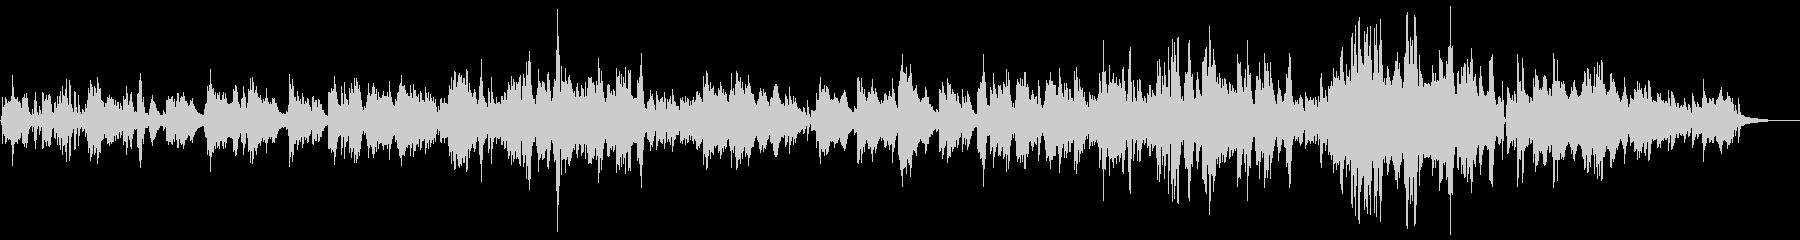 こちらは多重録音バンド「ざくろの森」の…の未再生の波形